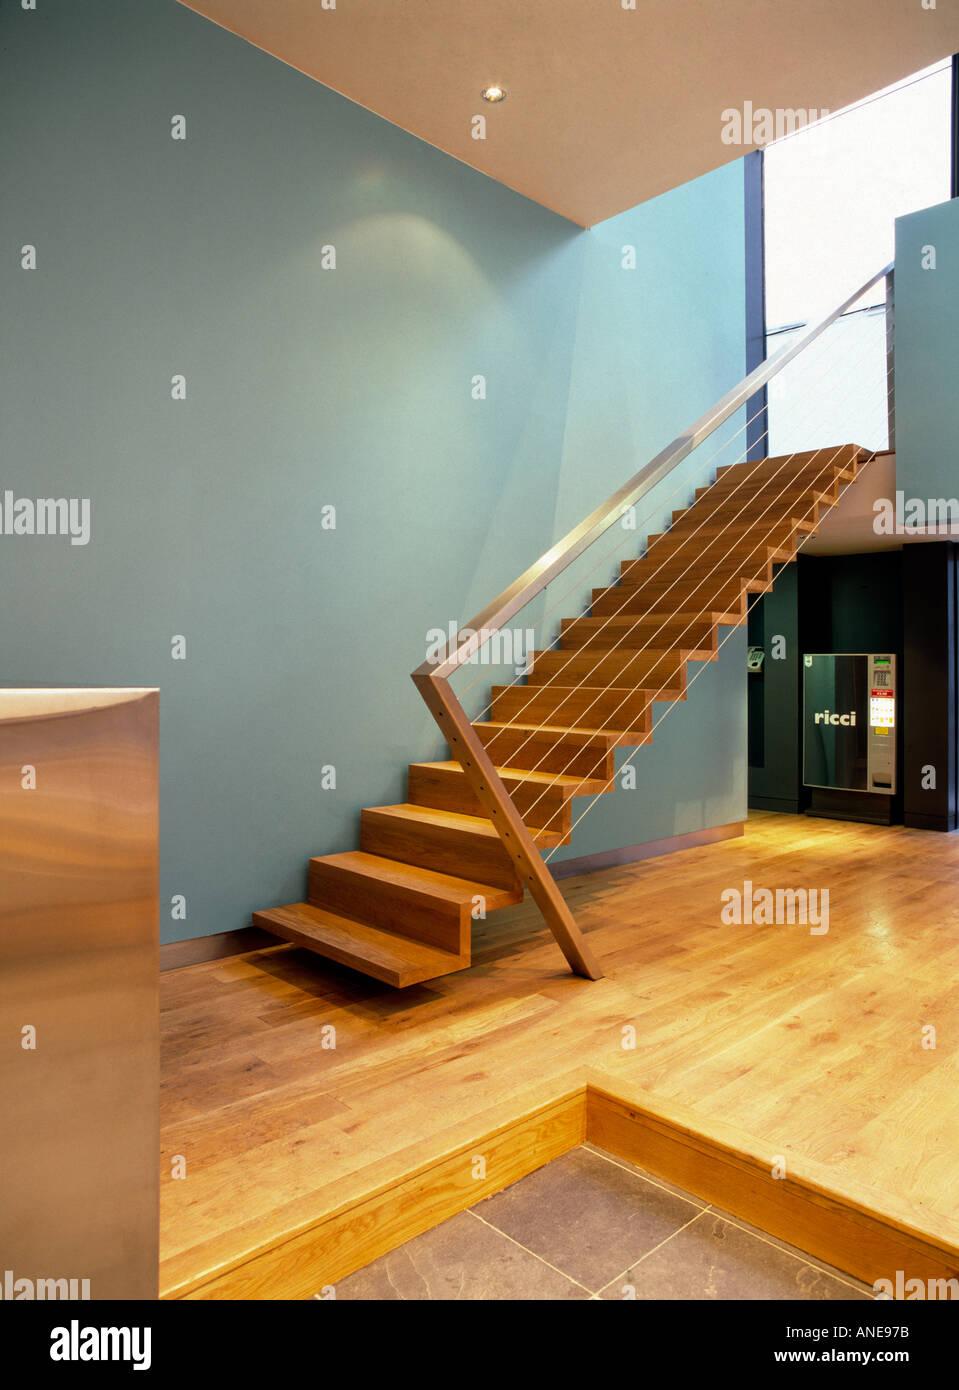 Парящее лестницы своими руками